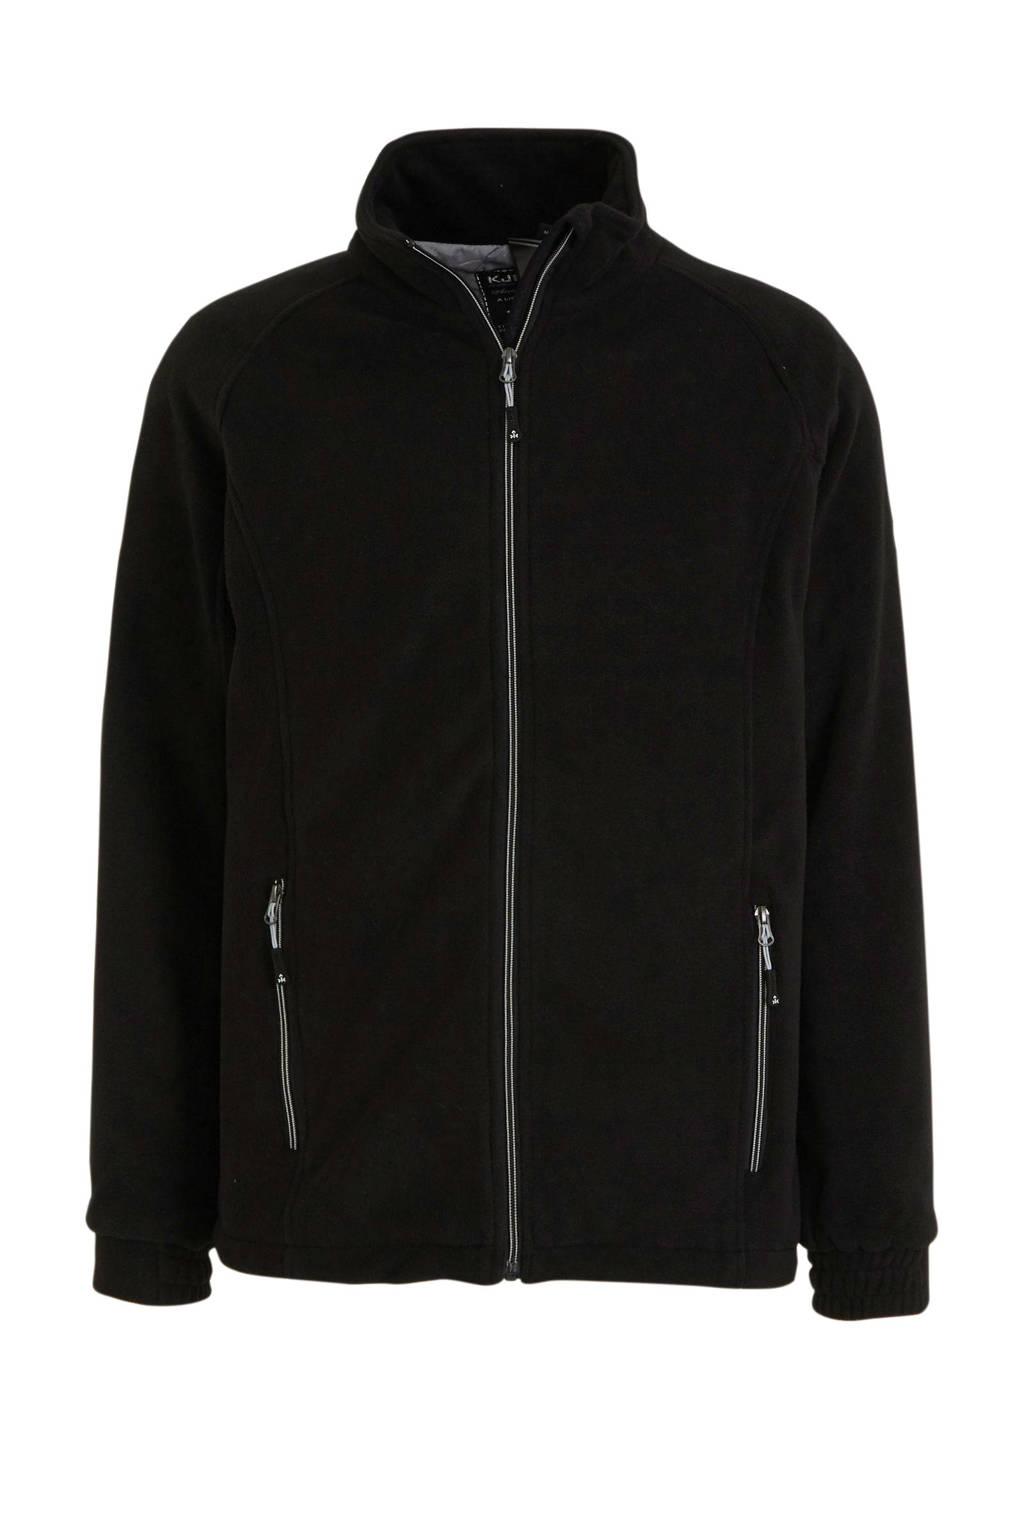 Kjelvik outdoor fleecevest zwart, Zwart